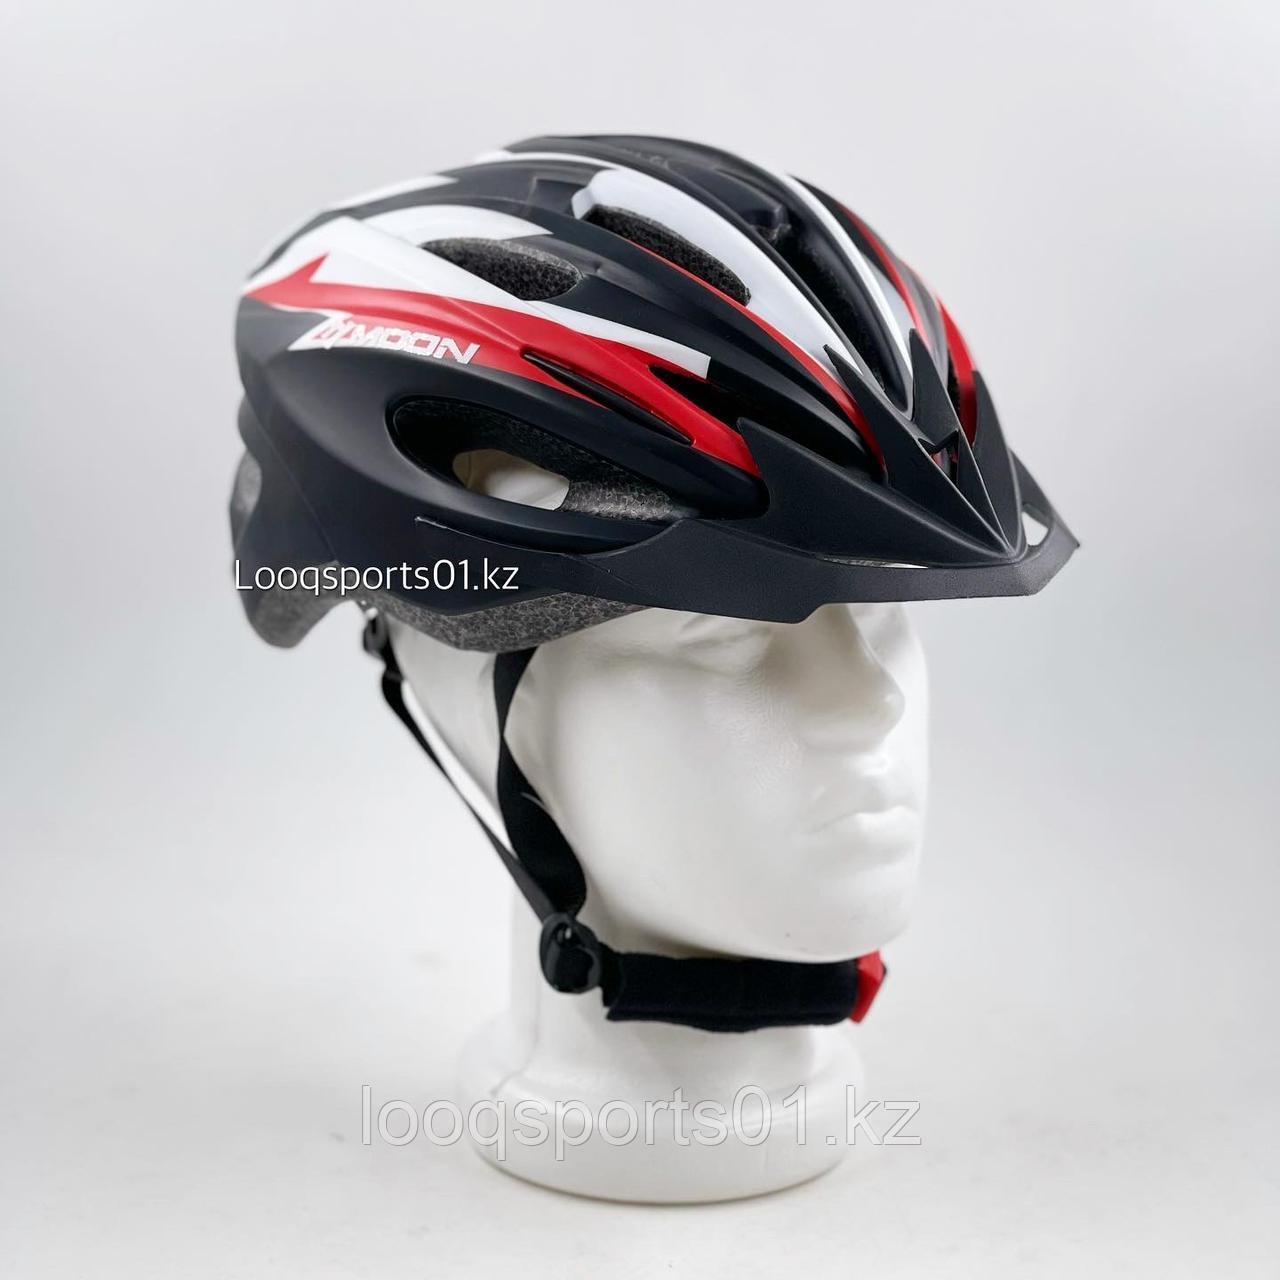 Велосипедный шлем (велошлем) HB-28